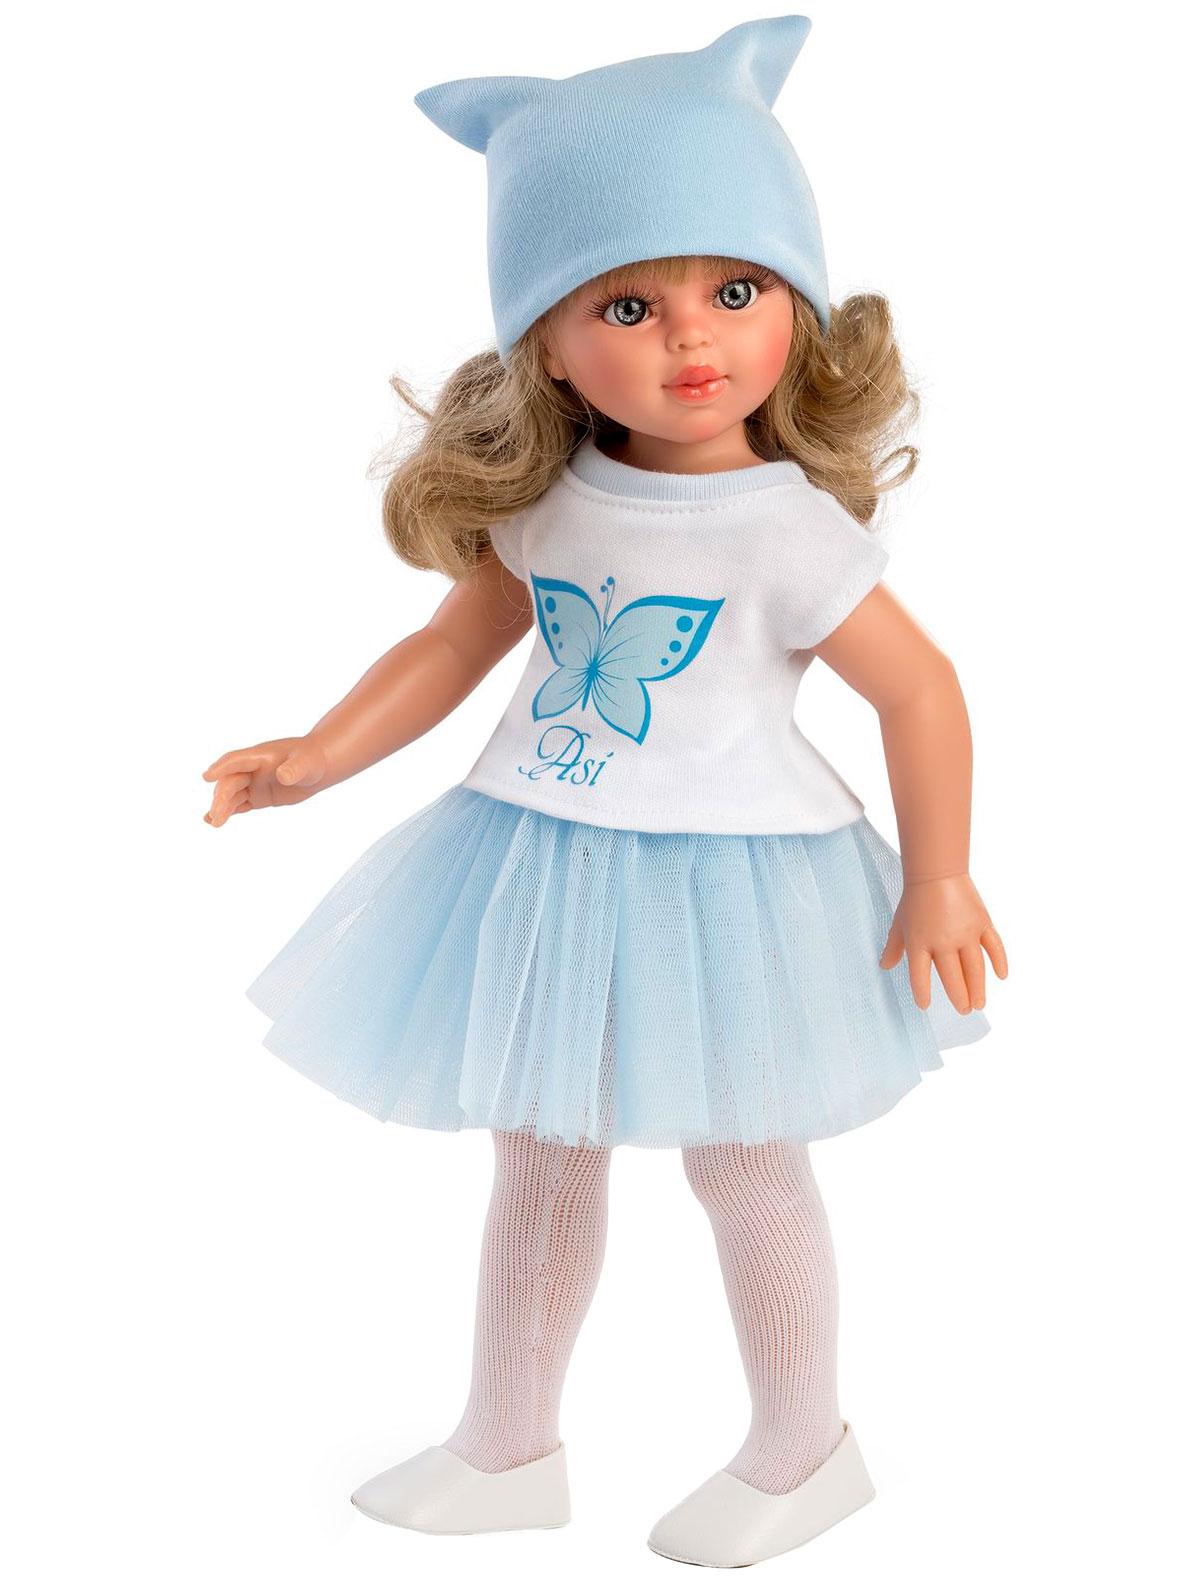 Кукла ASI 2308481 голубого цвета